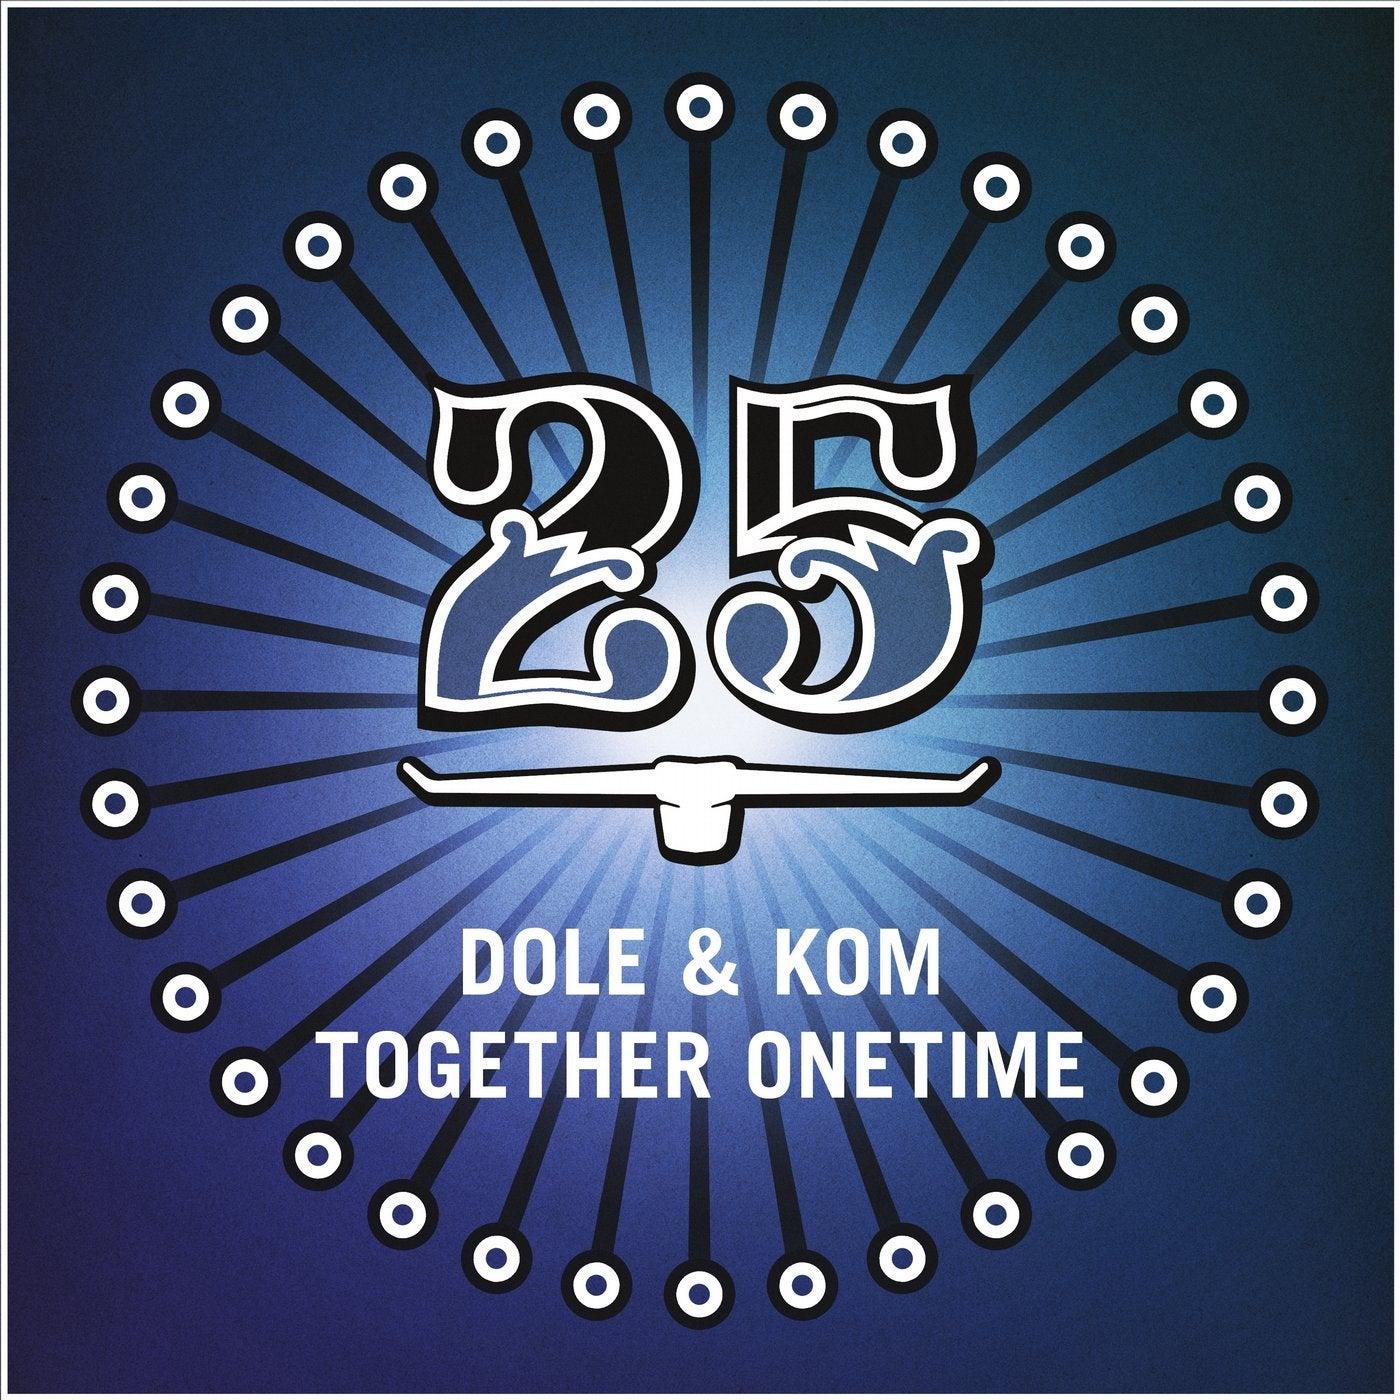 Together Onetime (Original Mix)